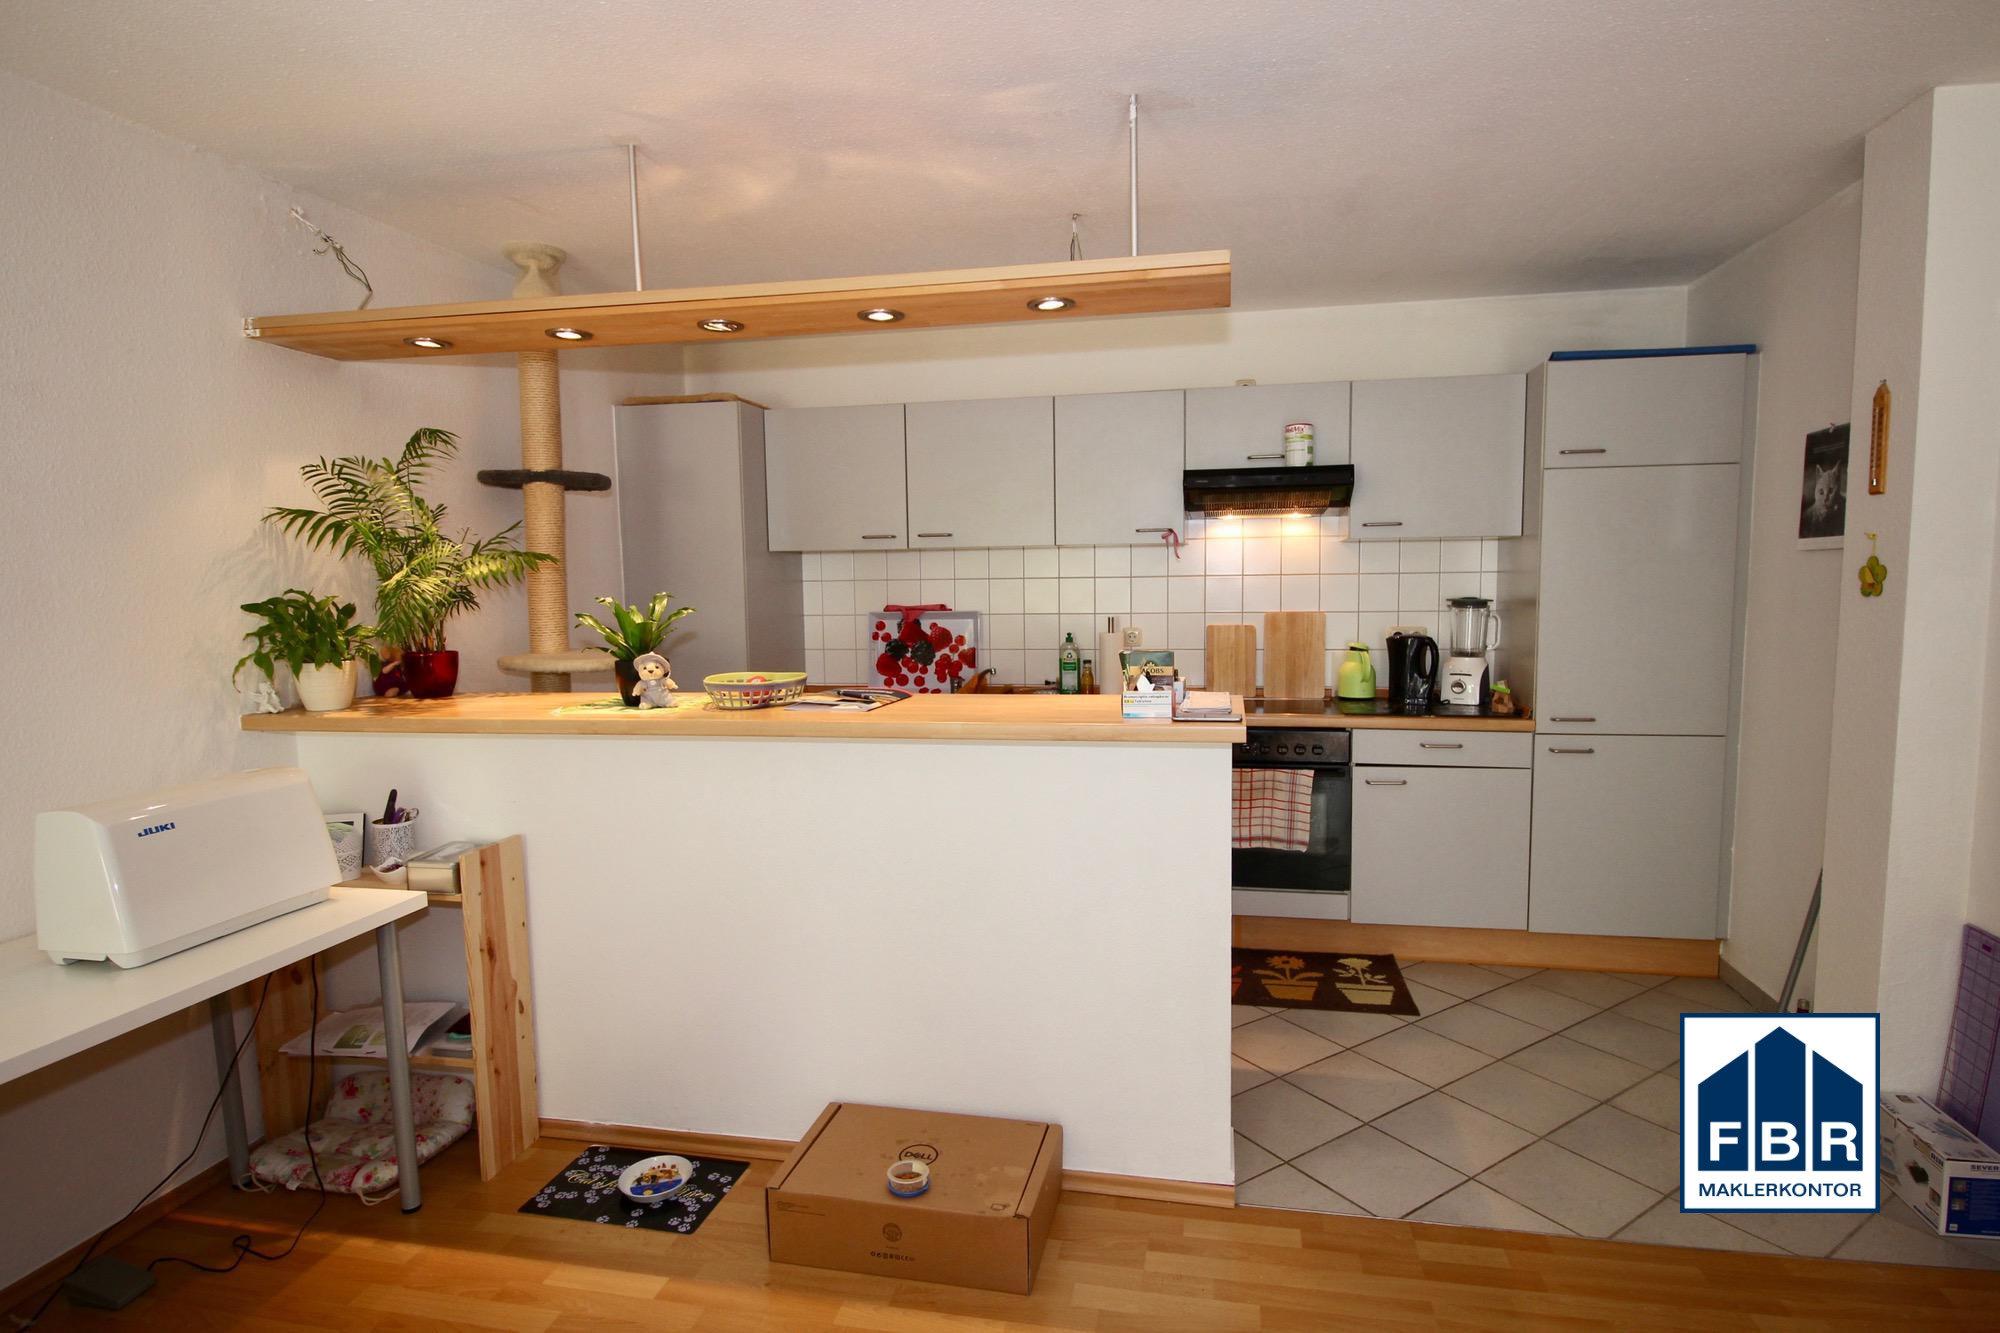 Einbauküche mit Bar weitere Ansicht